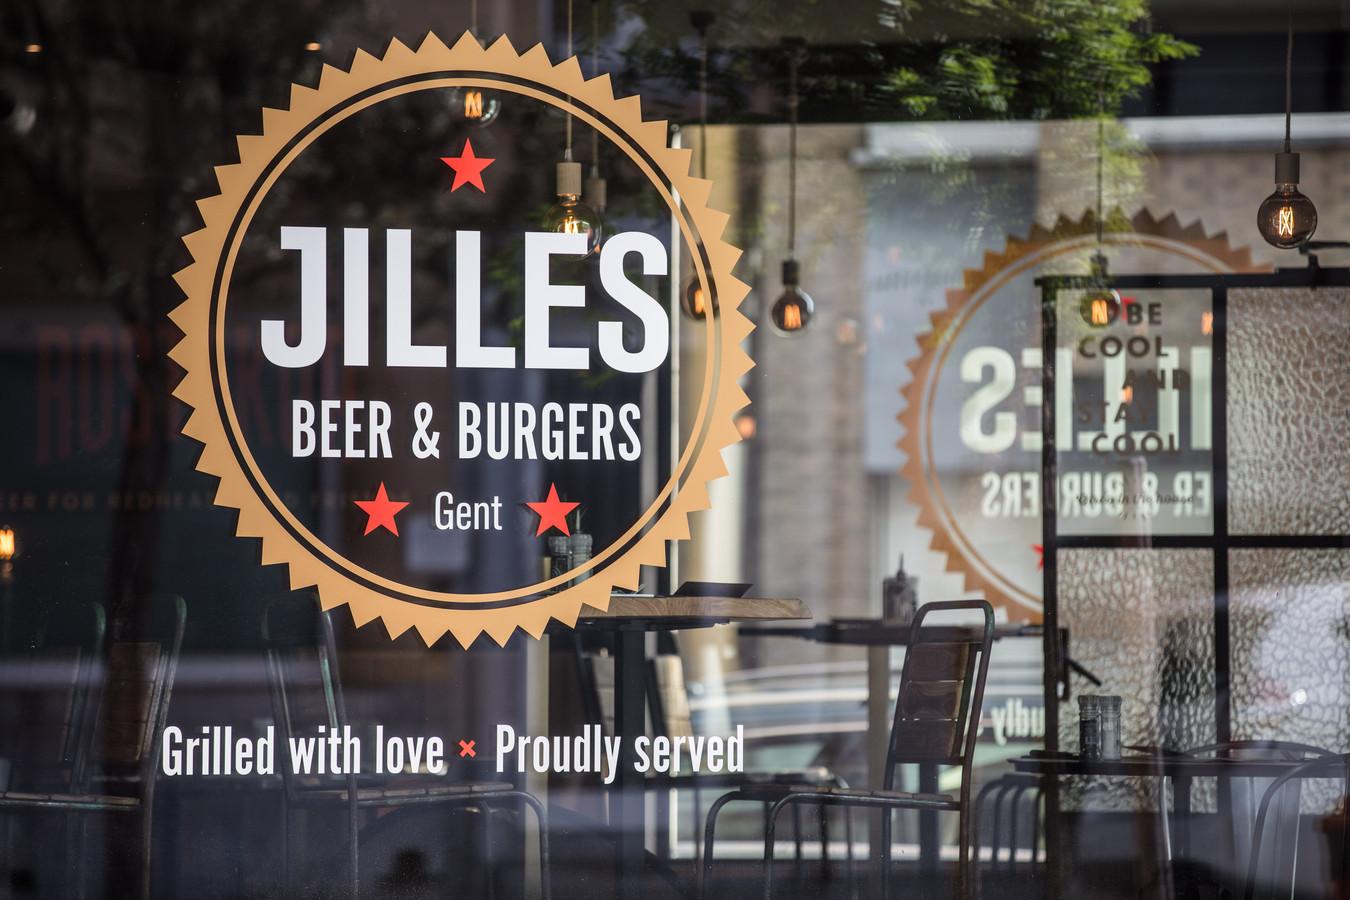 Jilles heeft al vestigingen in Gent, Brugge en Oostende. Nu is Kortrijk aan de beurt.